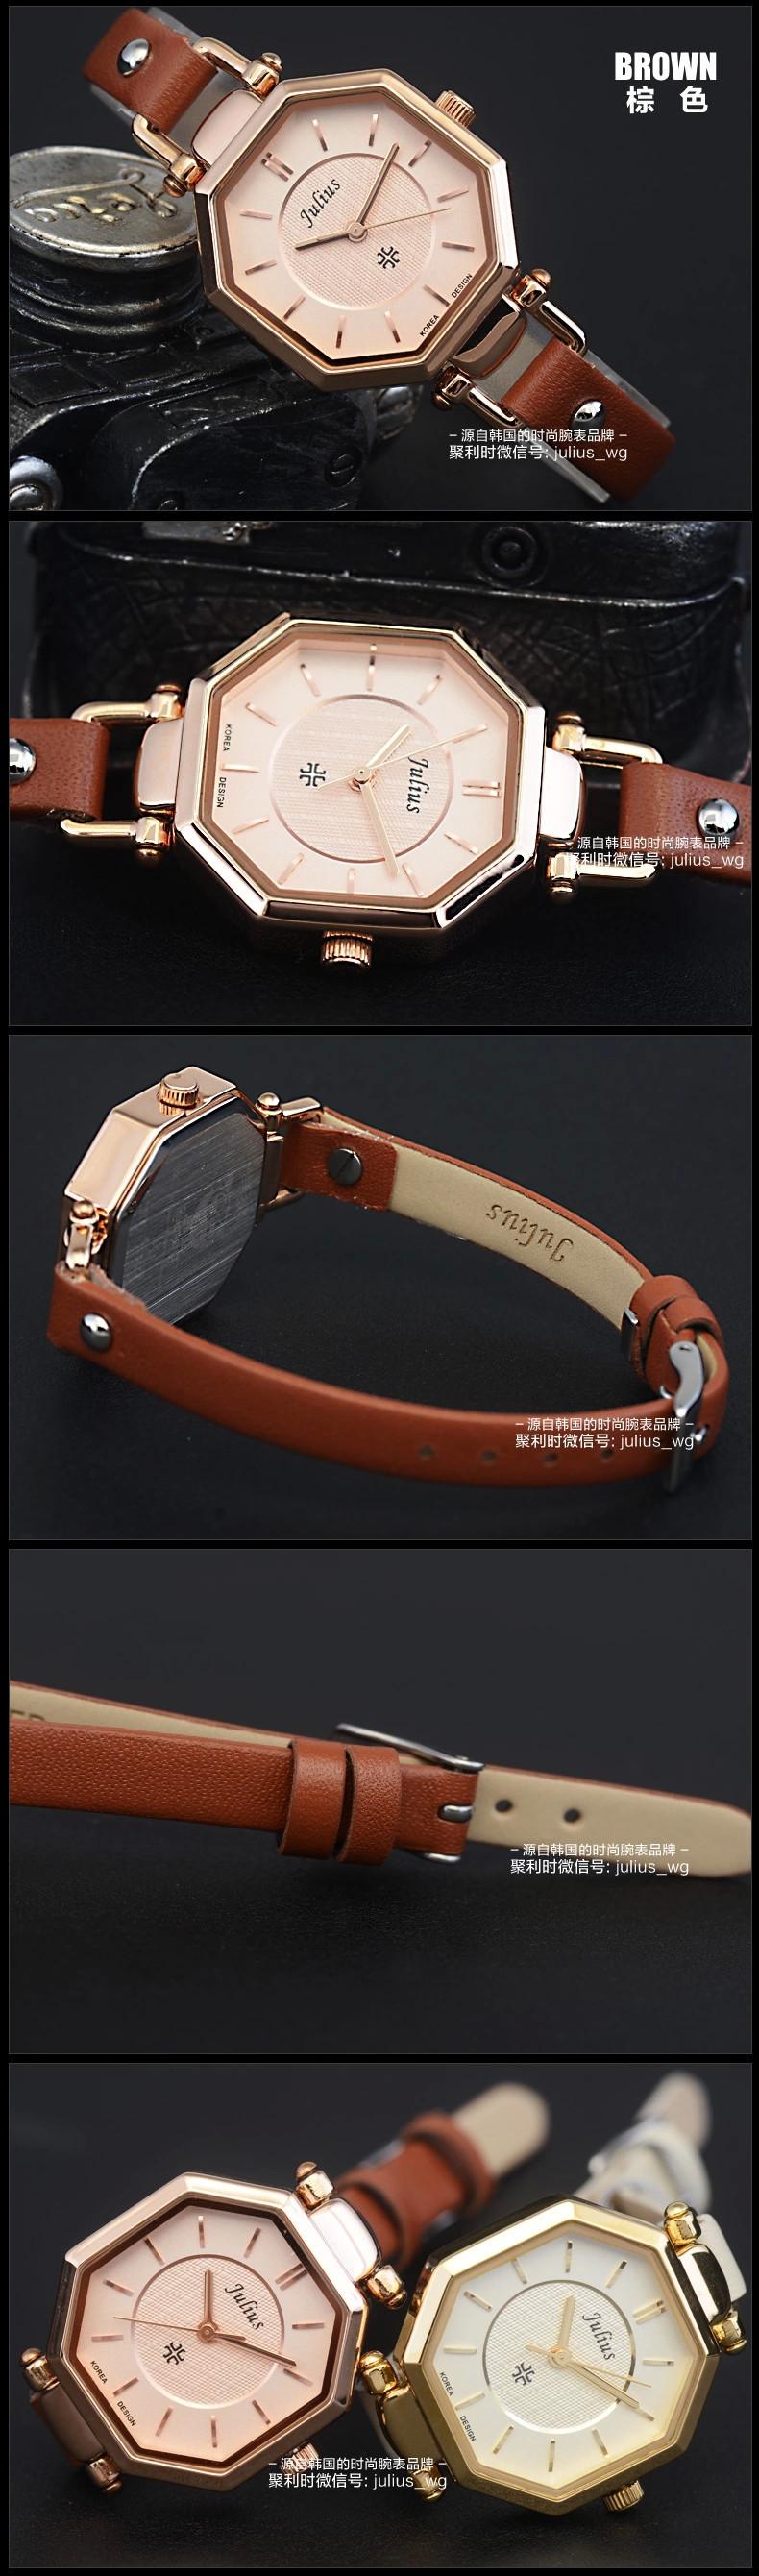 Леди женские наручные часы кварцевых часов мода платье просто браслет группа современная классика кожа школьница подарок на день рождения JA-750